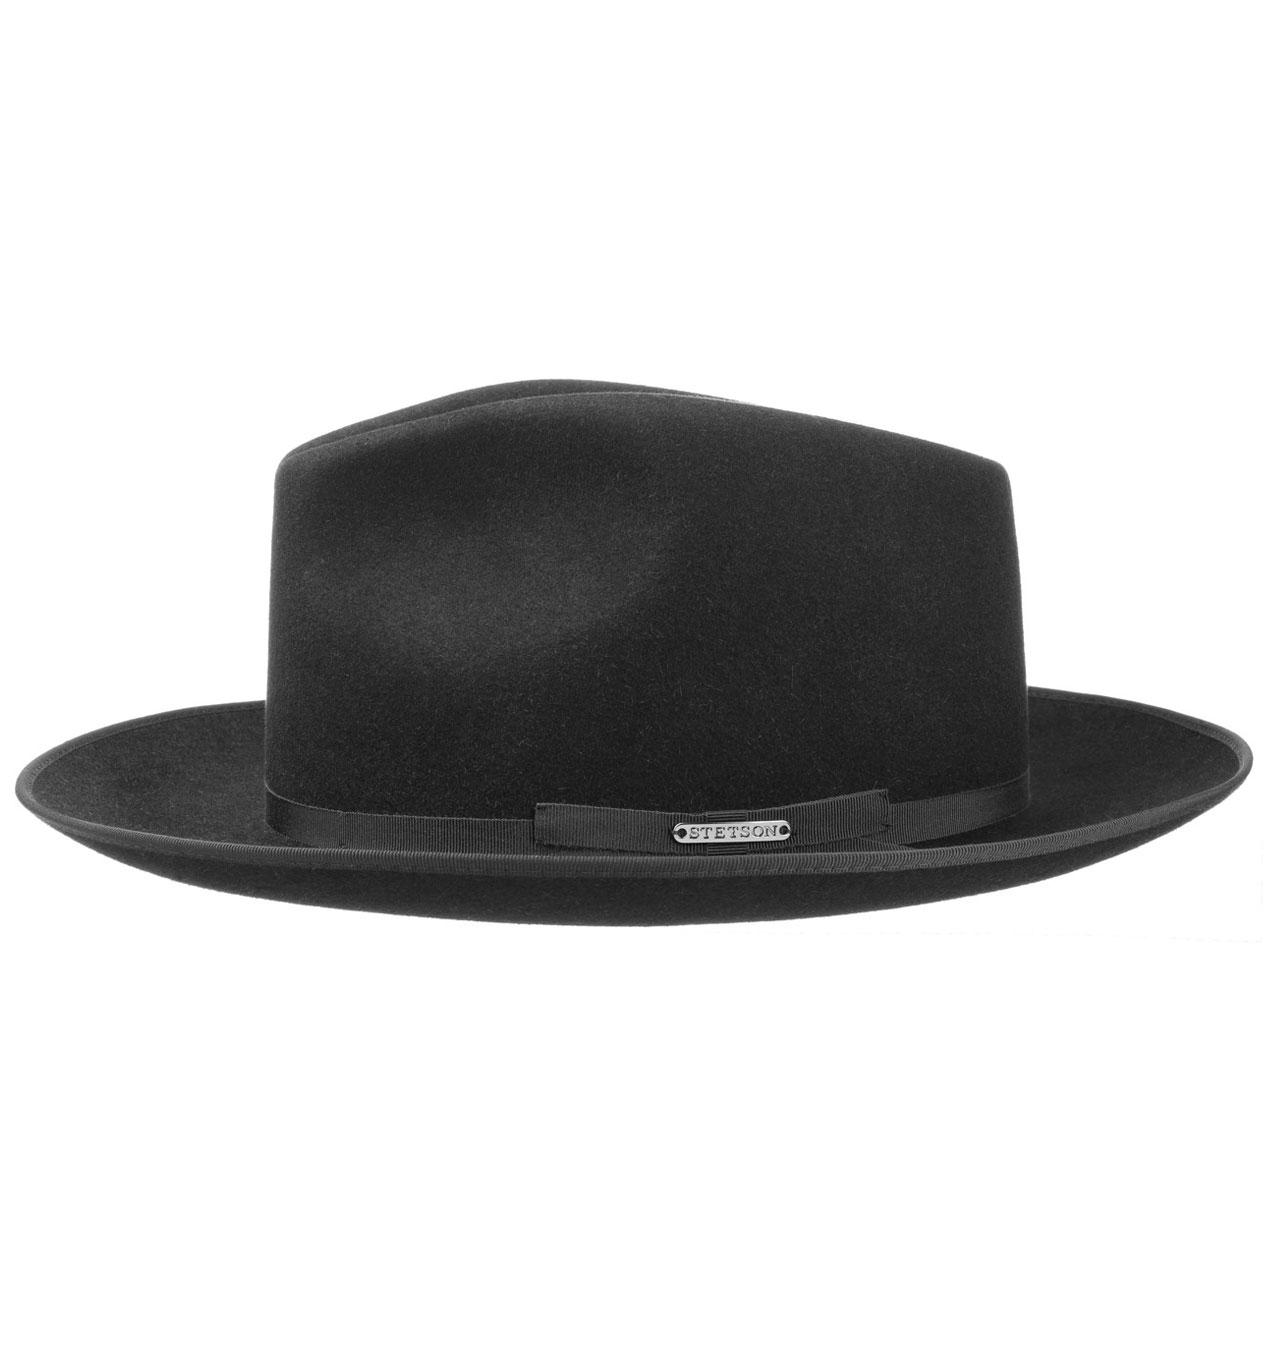 Stetson---Stratoliner-Fedora-Fur-Felt-Hat---Black-1.jpg 8dc874f0030